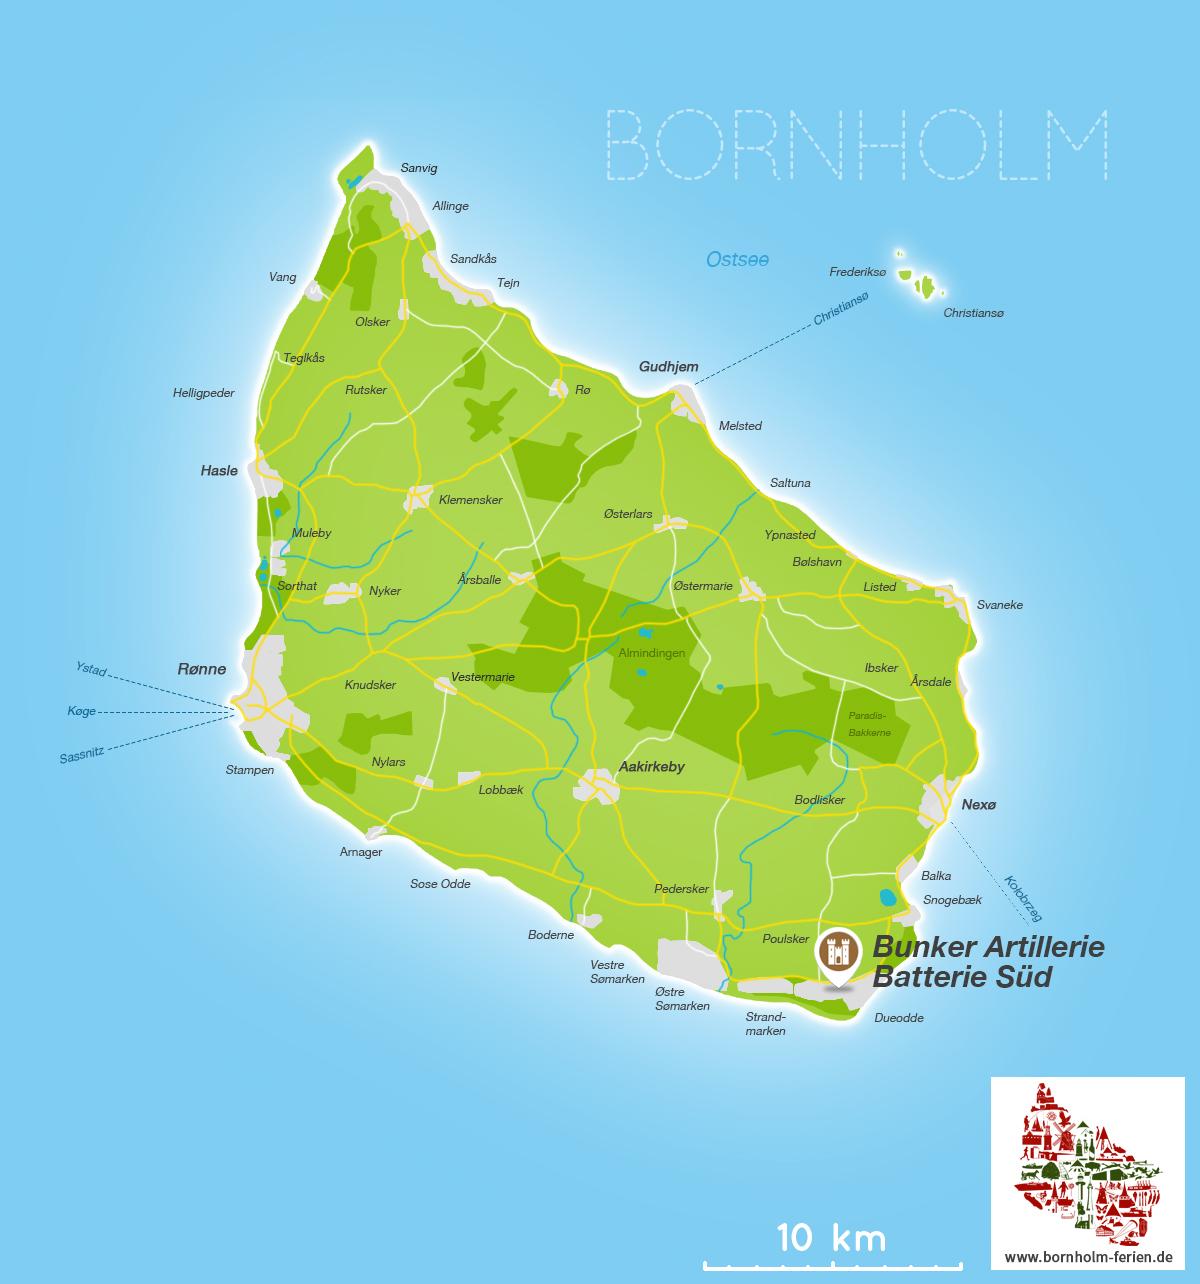 Bunker Insel Bornholm Danemark Dueodde Artilleriestellung Der